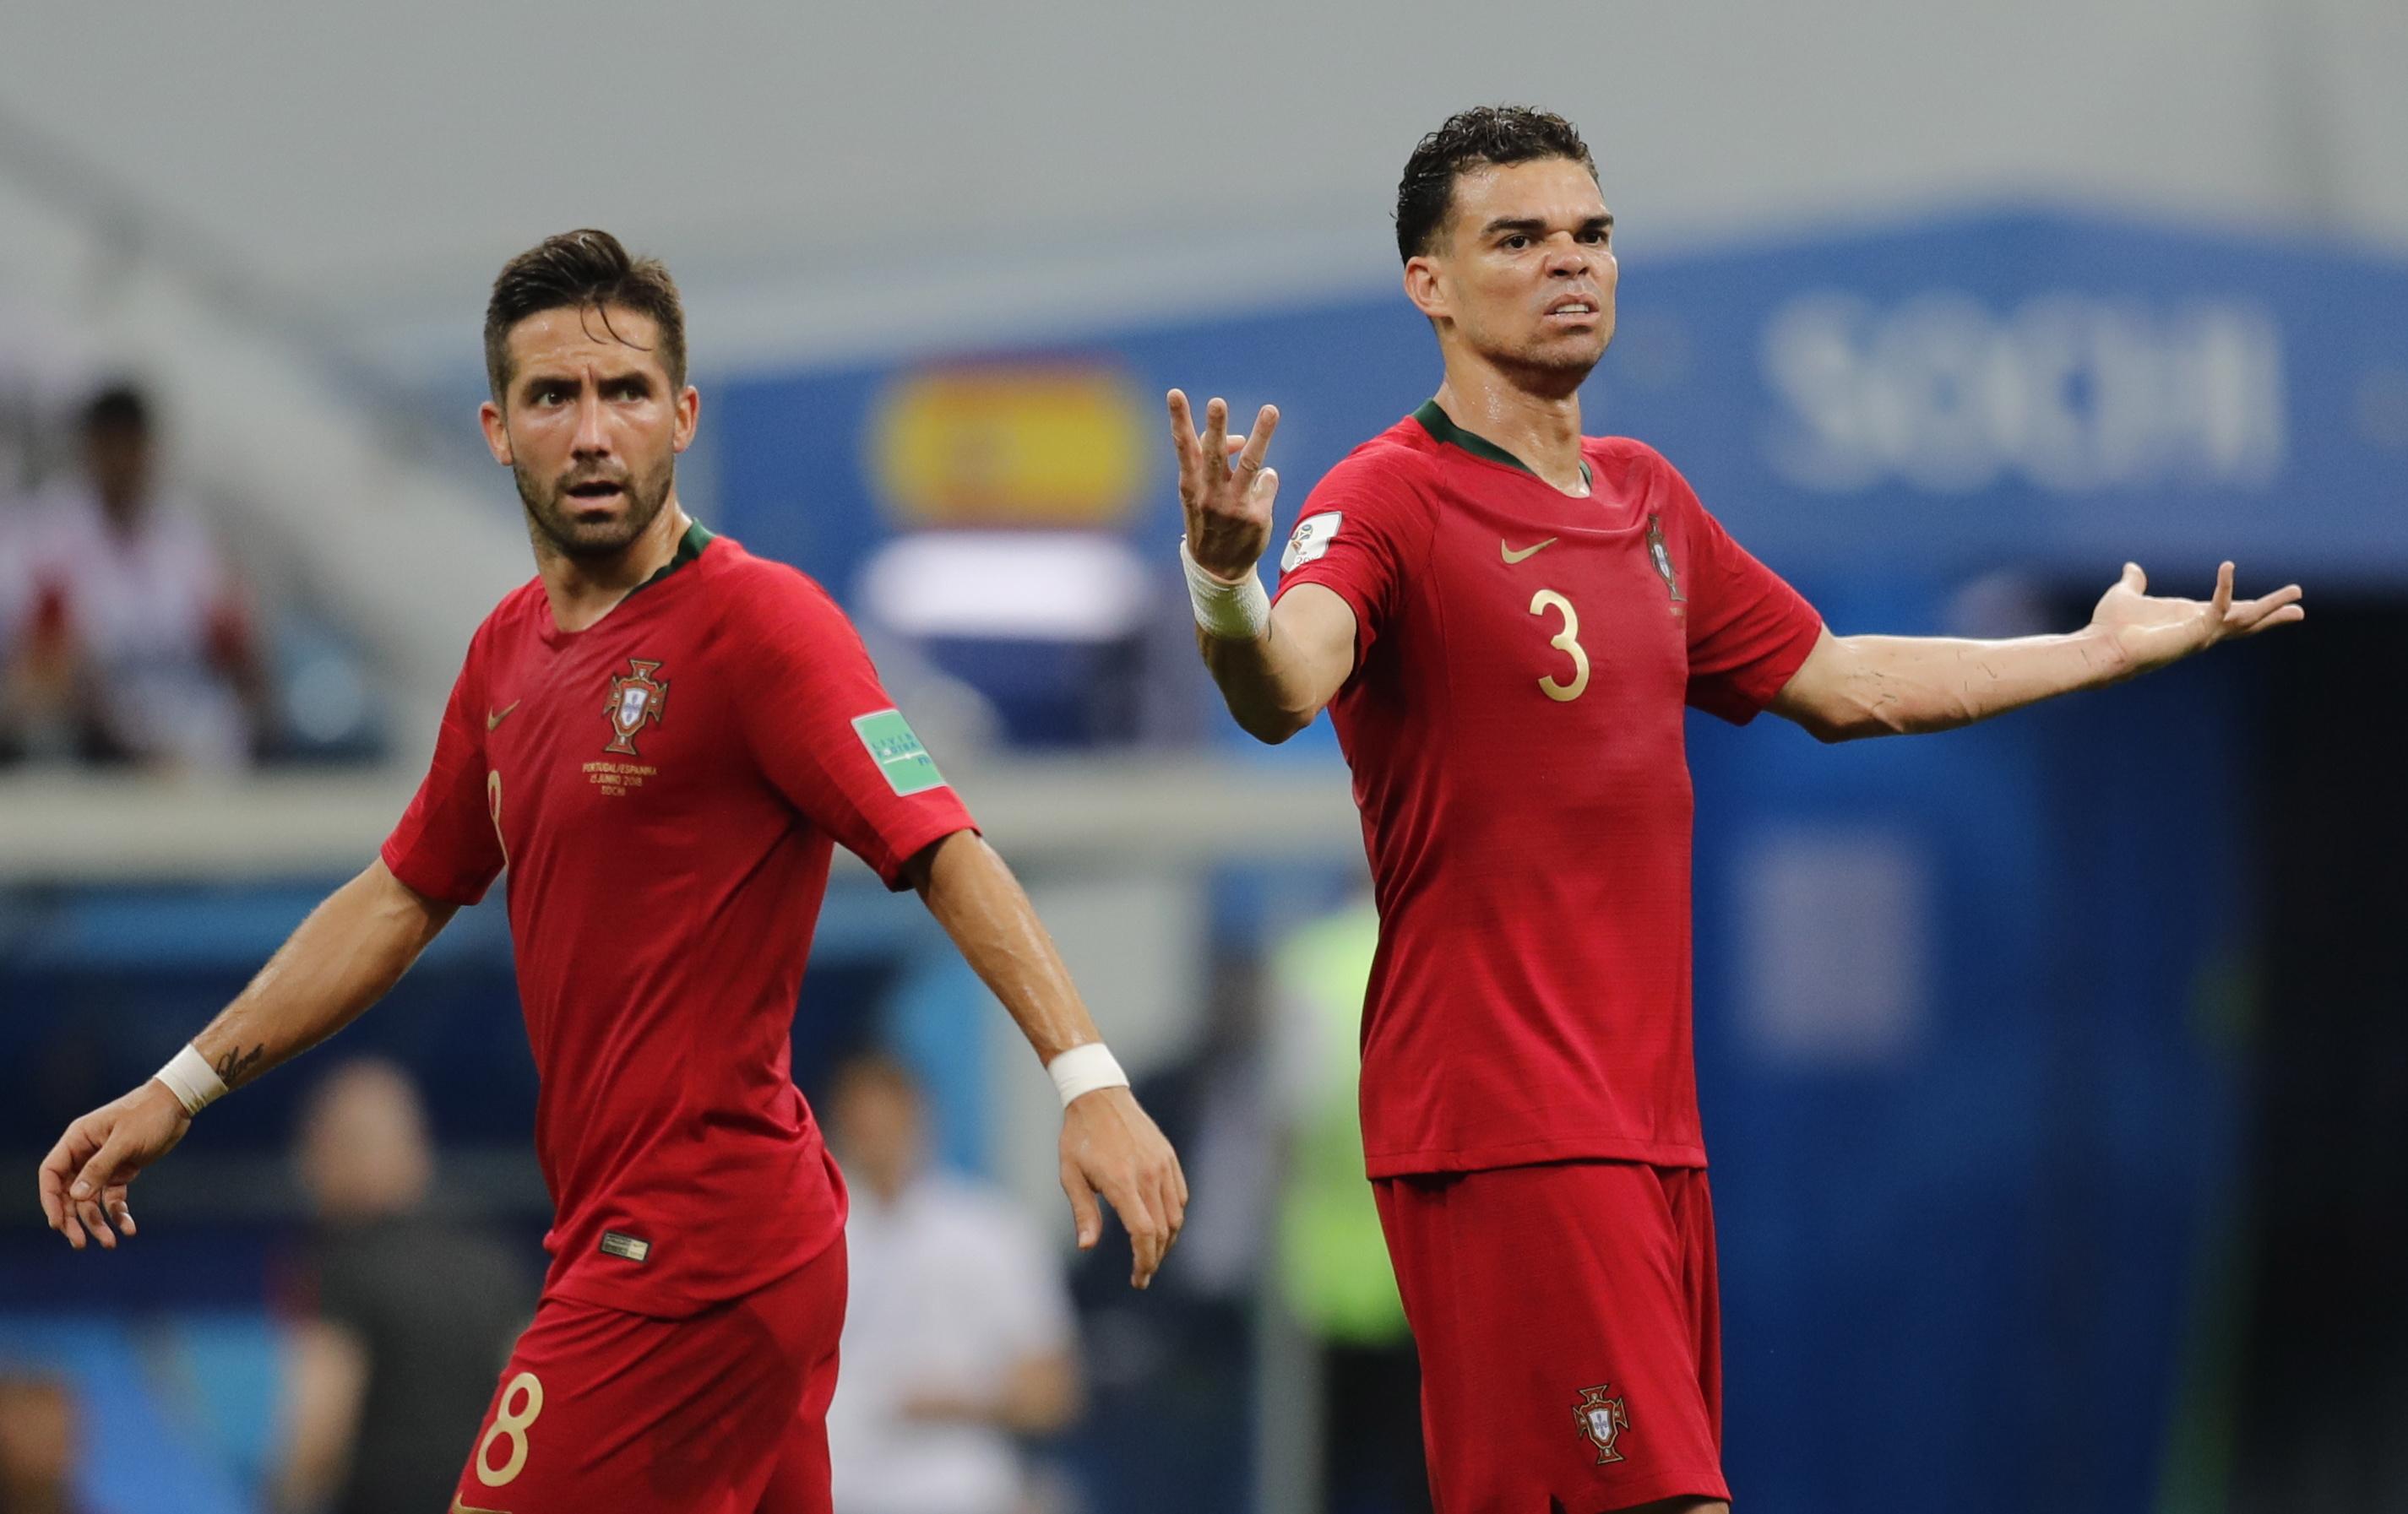 """Mundial2018: Pepe descarta """"favoritismo"""" de Portugal frente a Marrocos"""